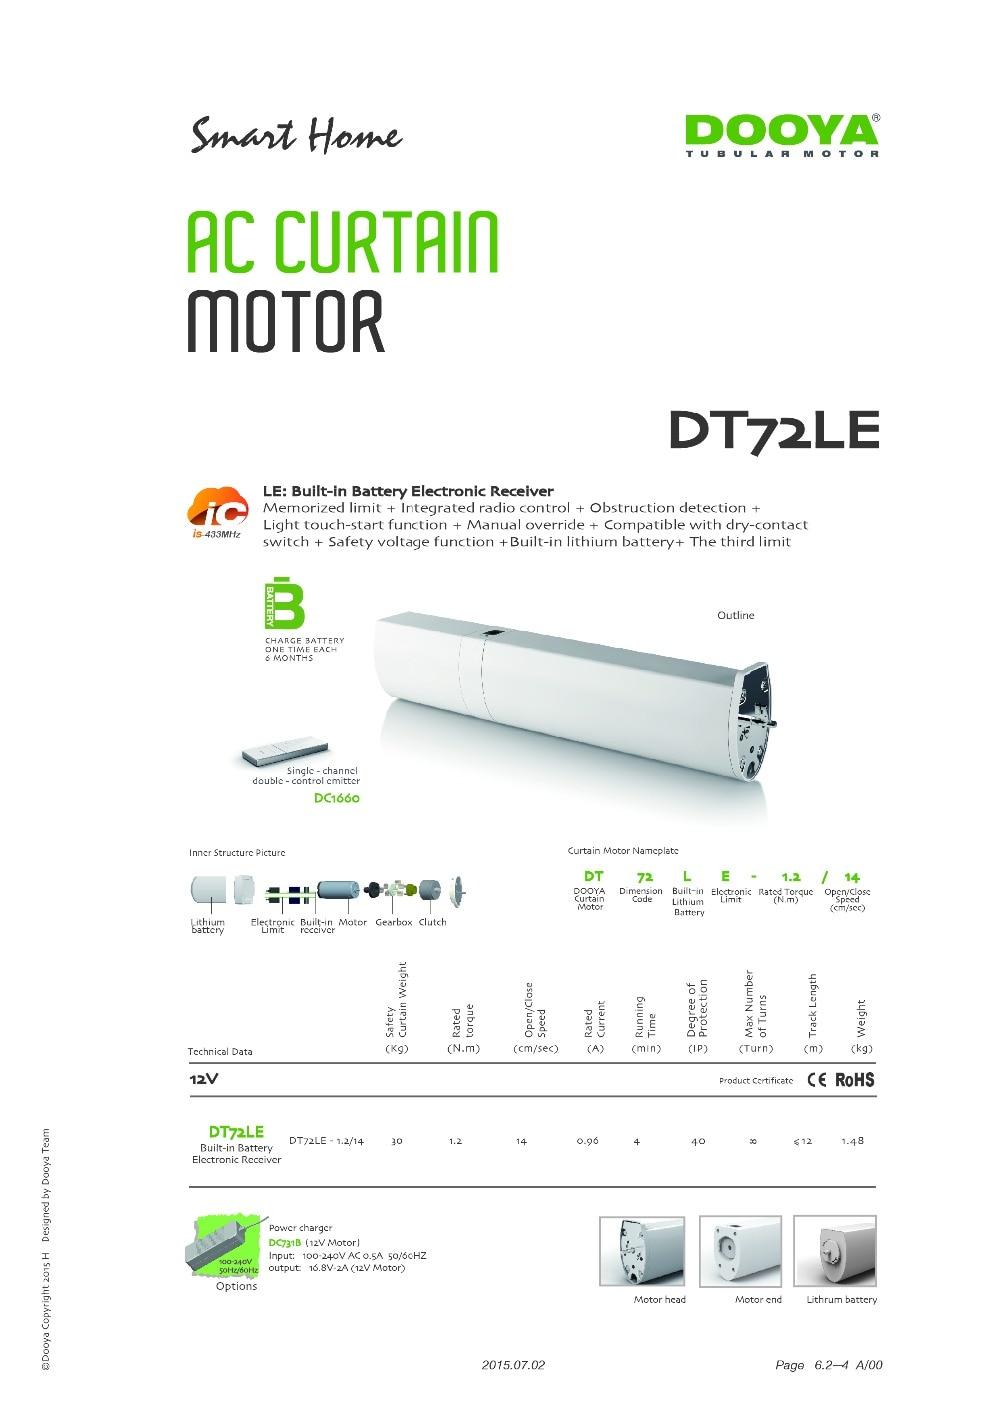 Freundschaftlich Dooya Vorhang Motor Dt72le Kapazität Keine Notwendigkeit Verdrahtung 50 Kg Eingebaute Batterie Dt82le Dt980le 12 V Sichere Spannung.